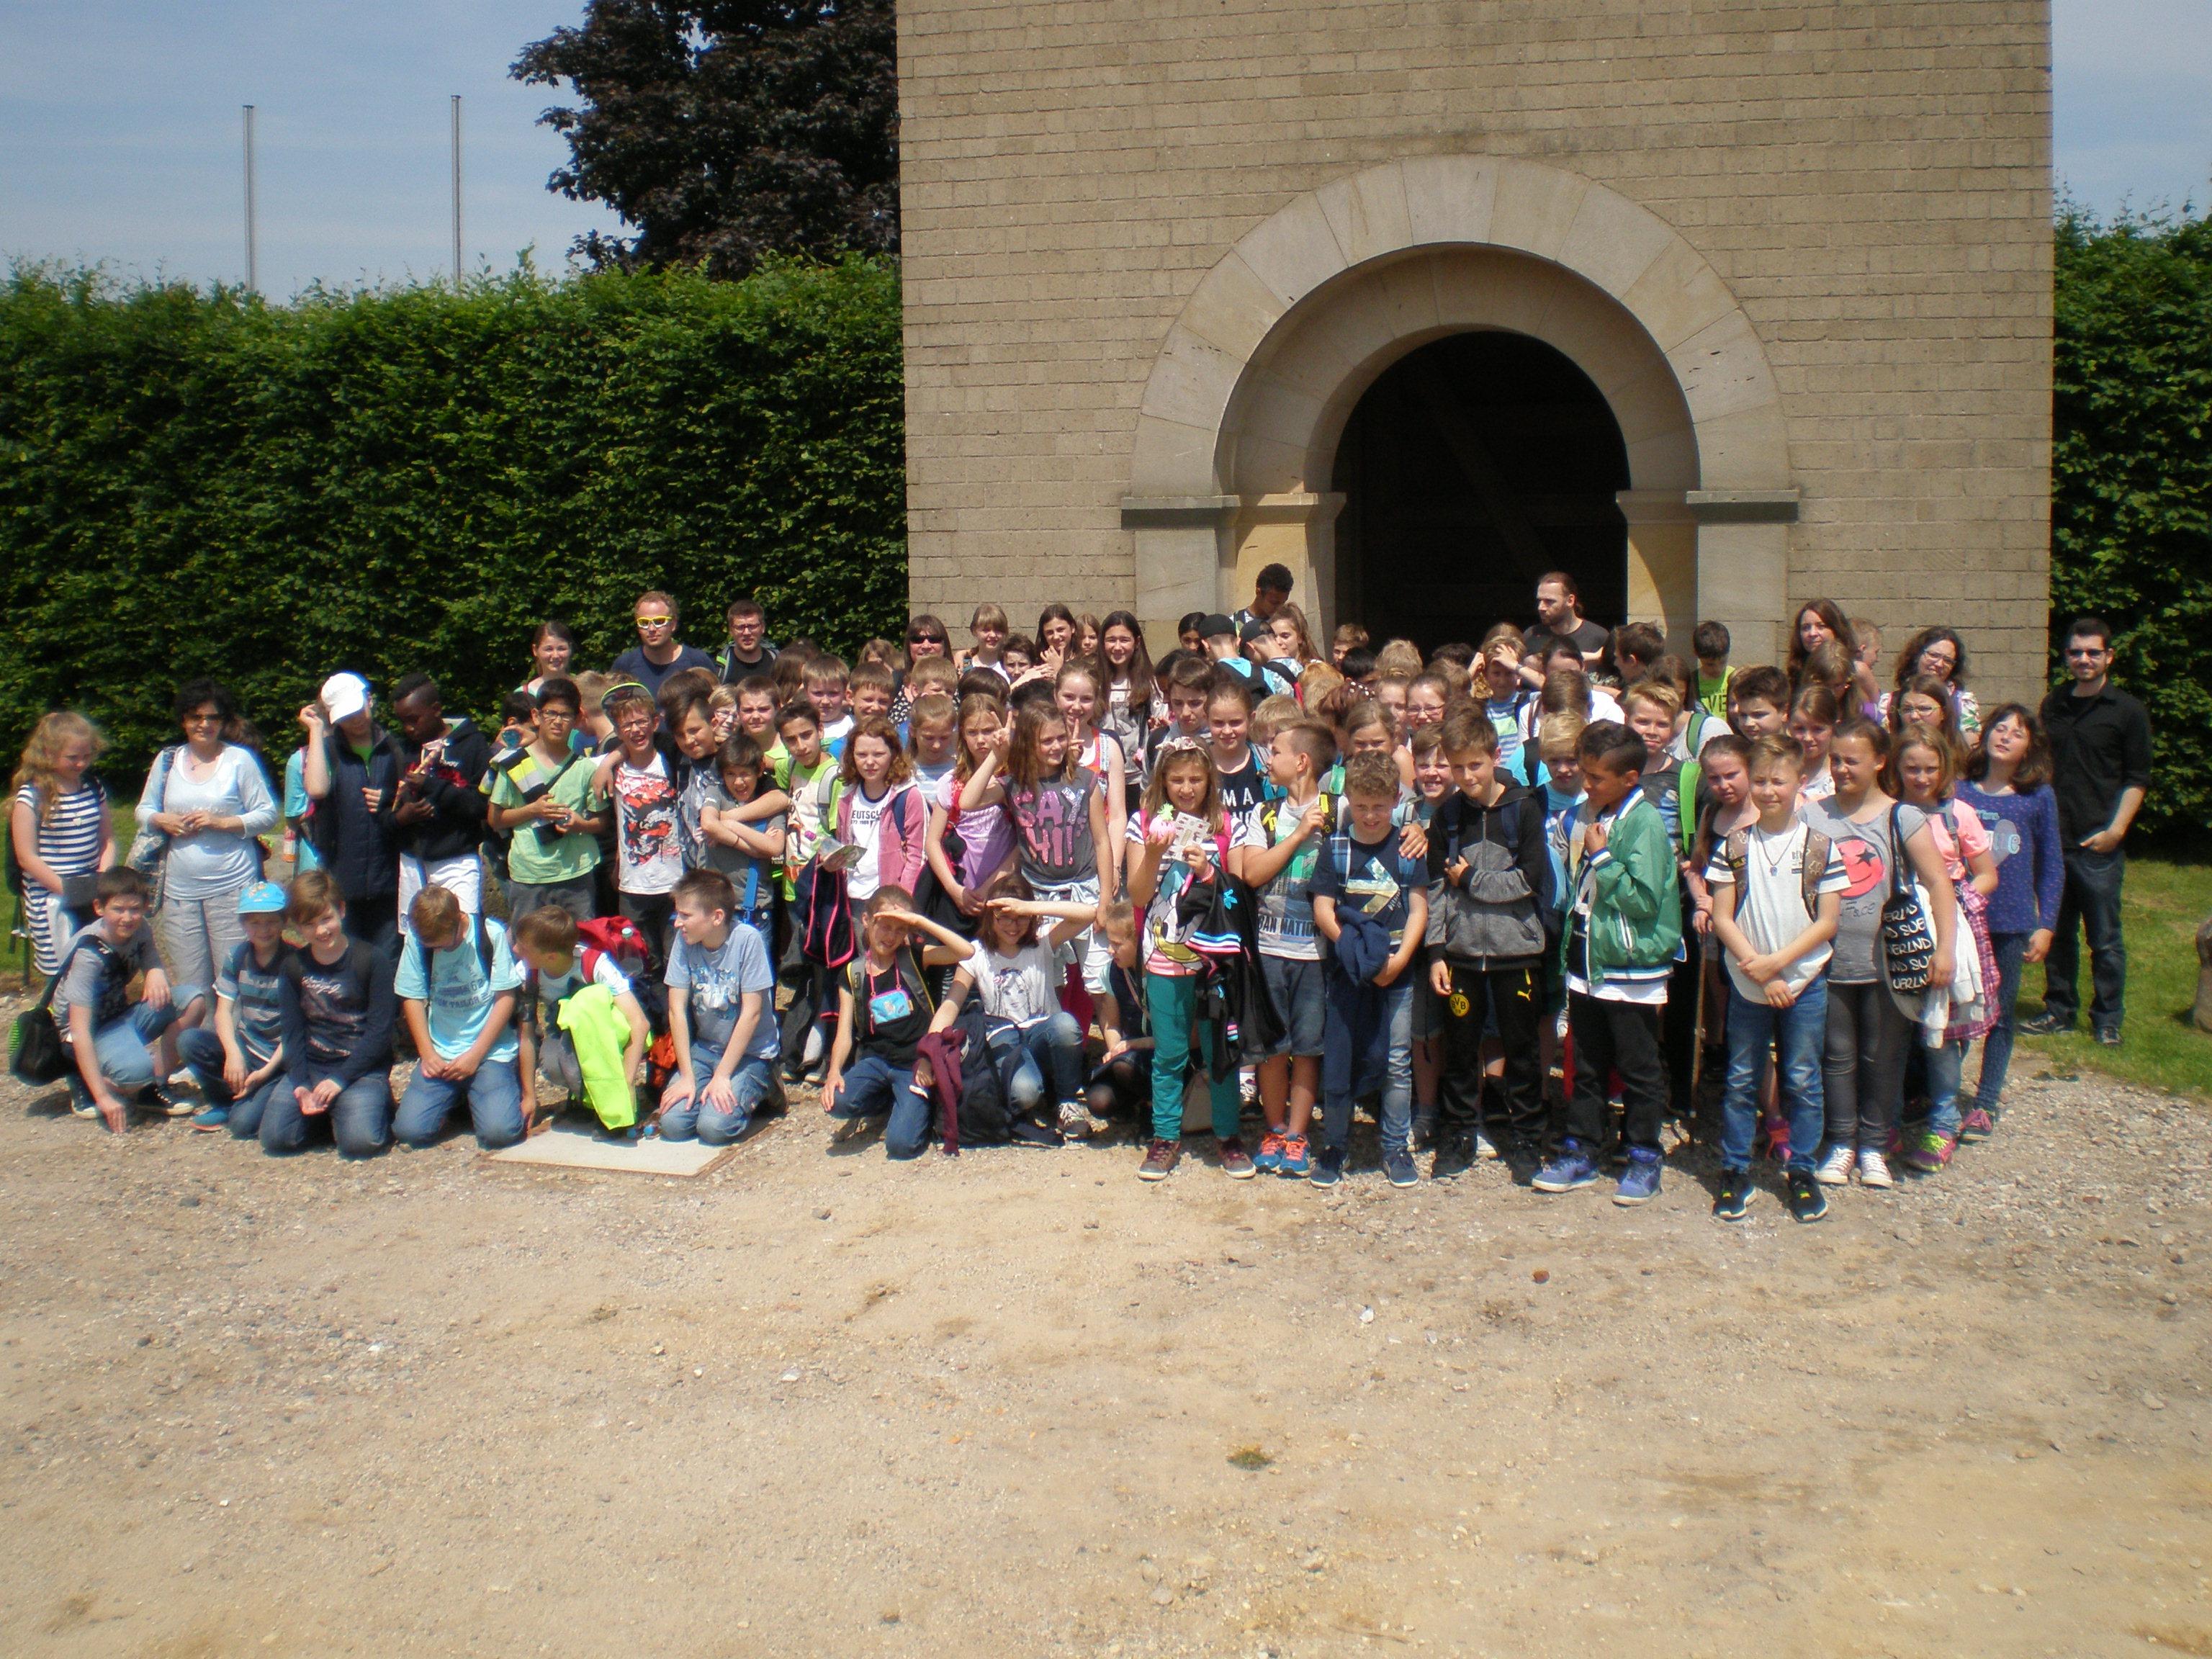 Humboldtschule Halver in Xanten